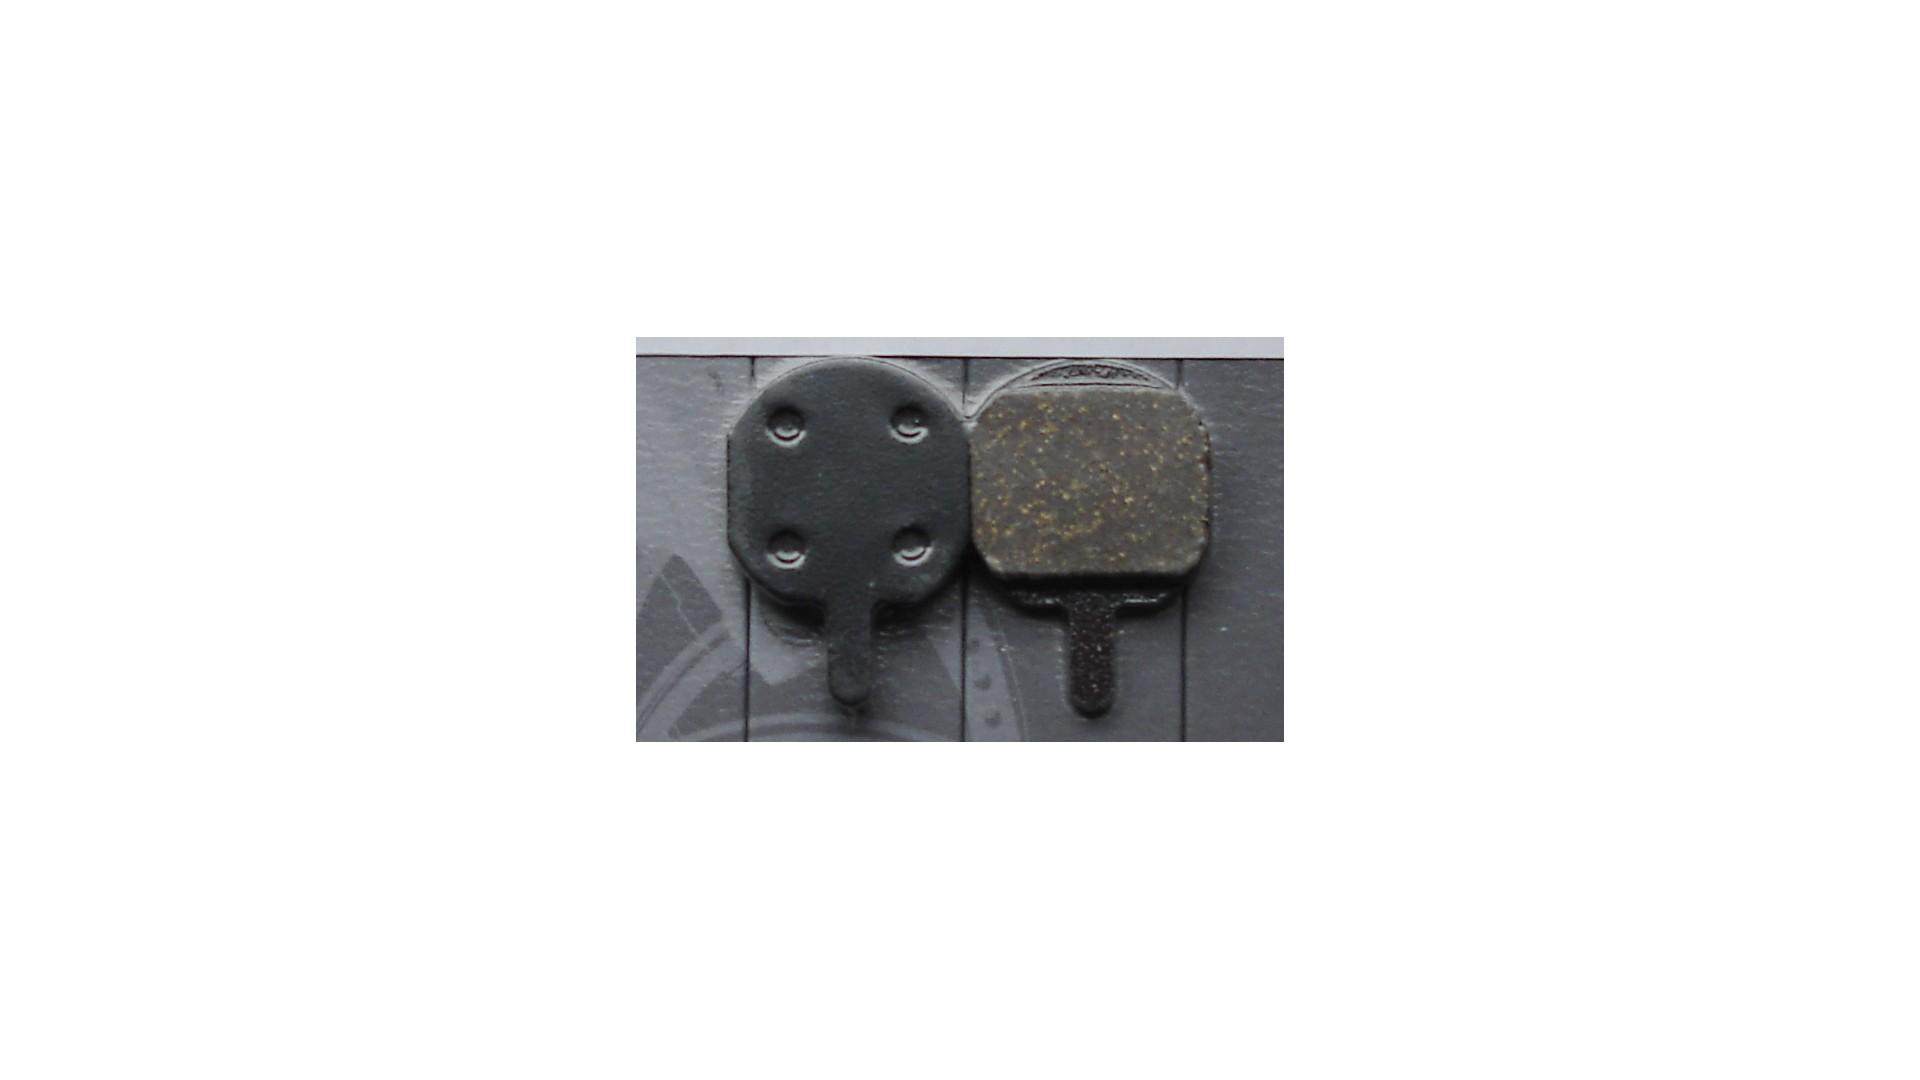 Тормозные колодки Baradine DS-26 Hayes MX2 Mechanical для дискового тормоза